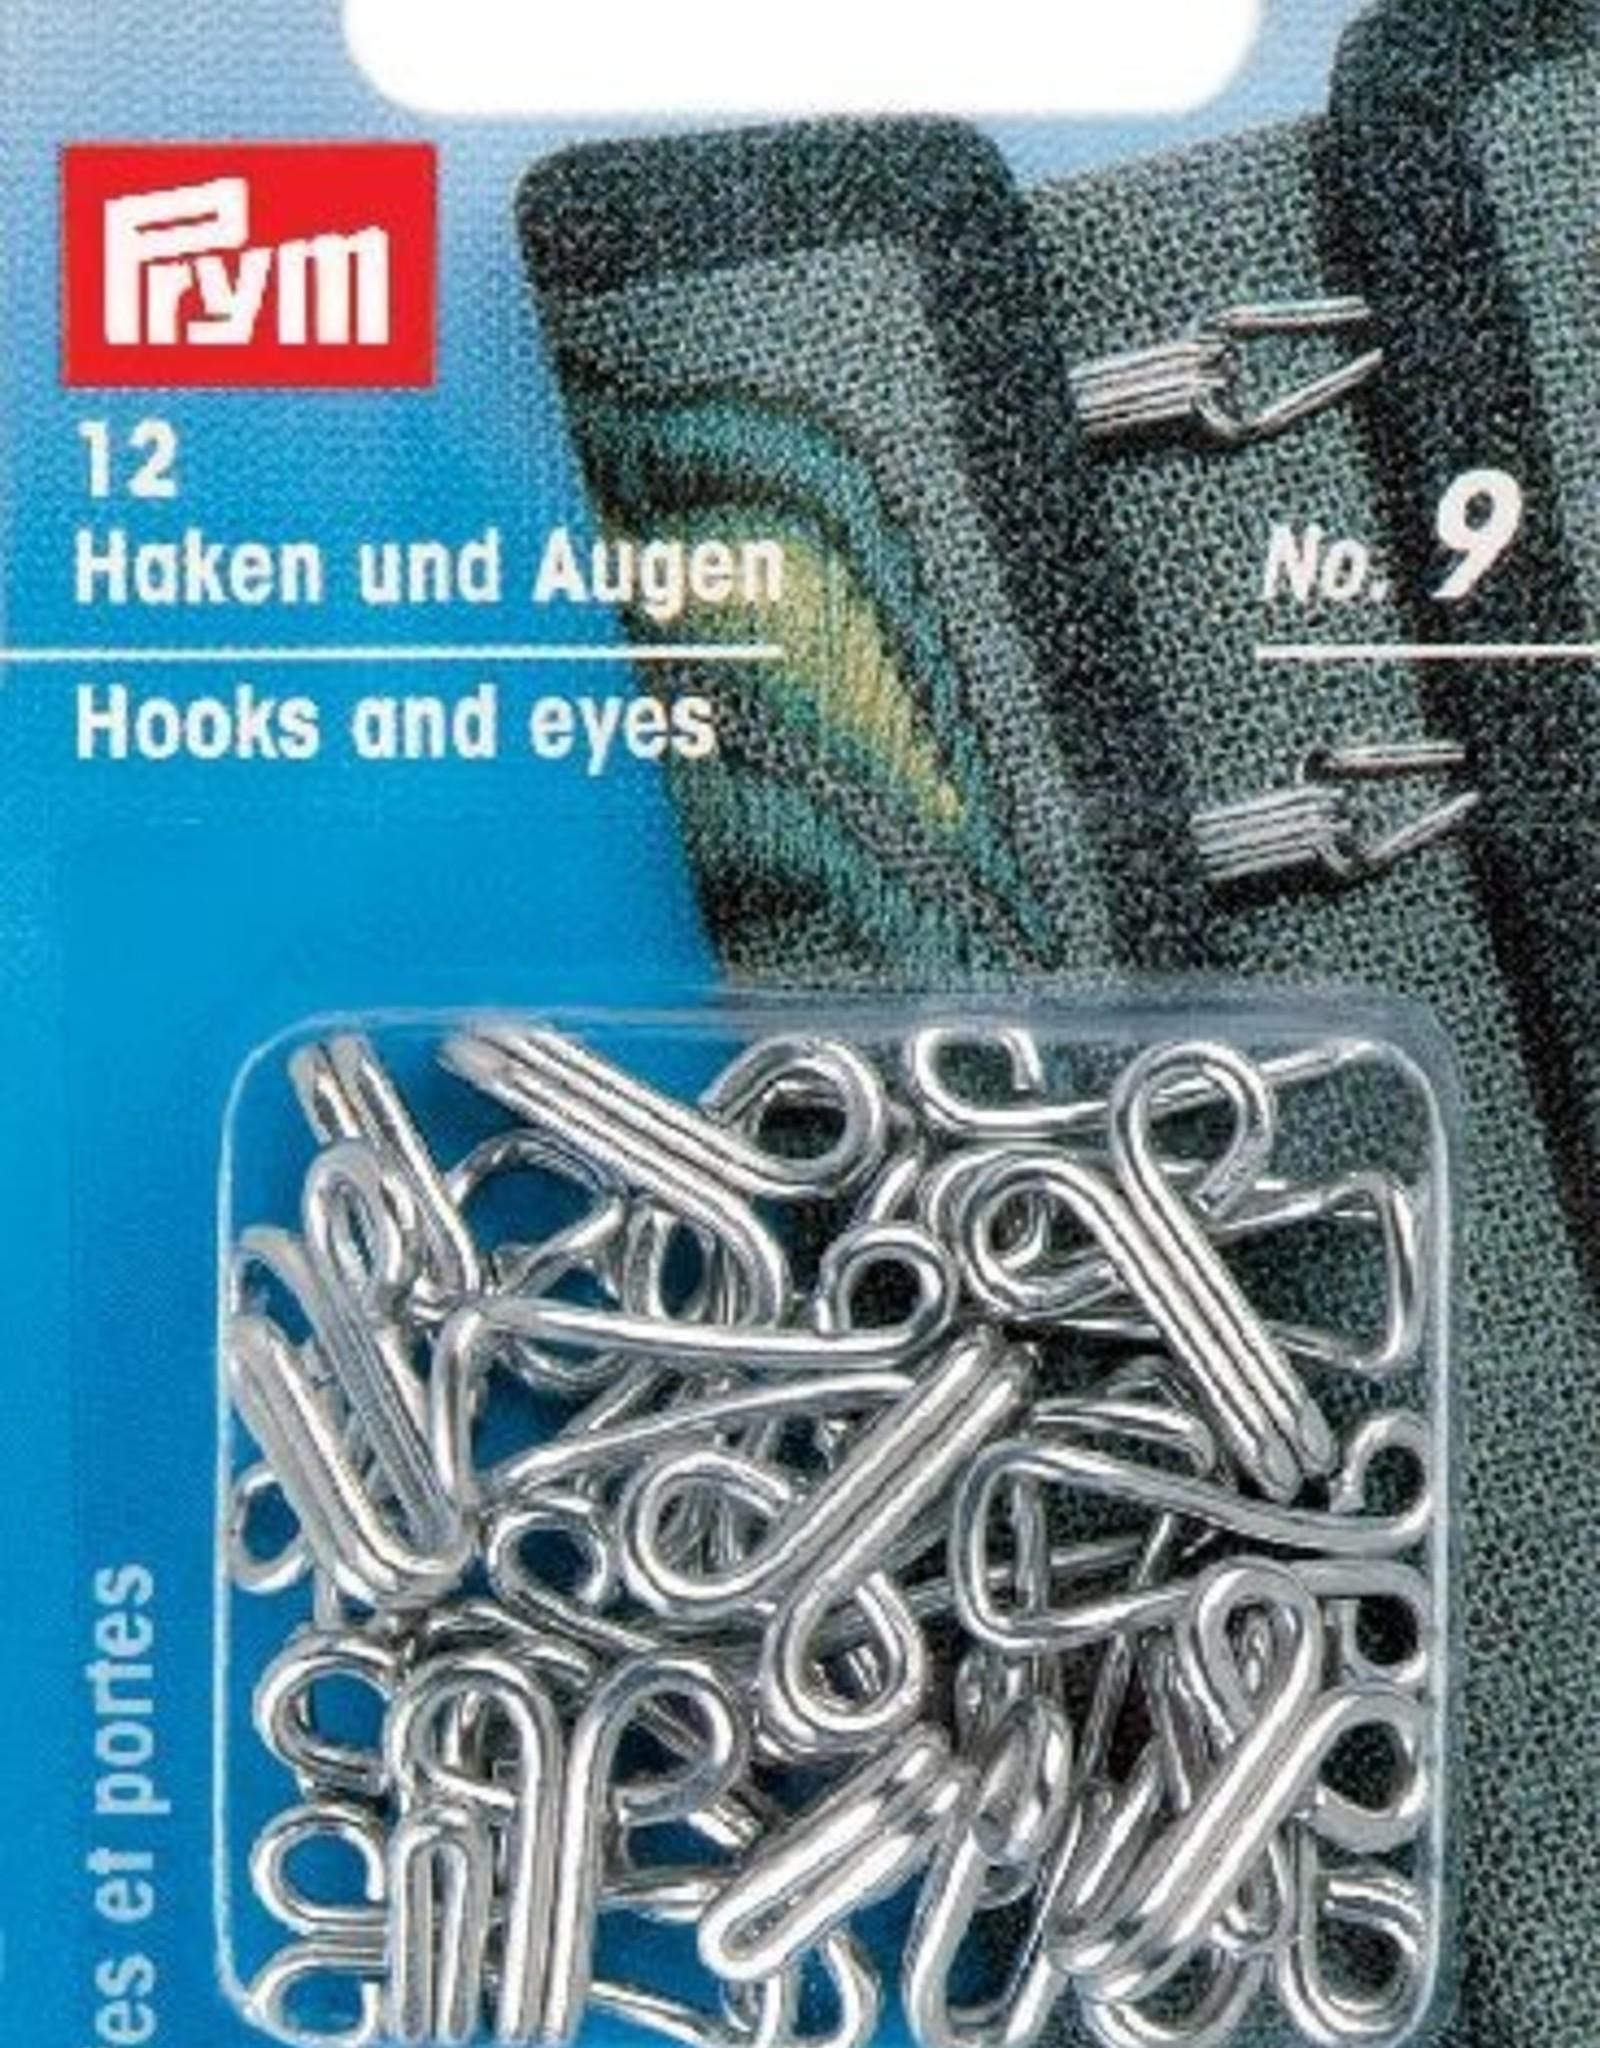 Prym prym - haken en ogen zilver no.9 - 261457